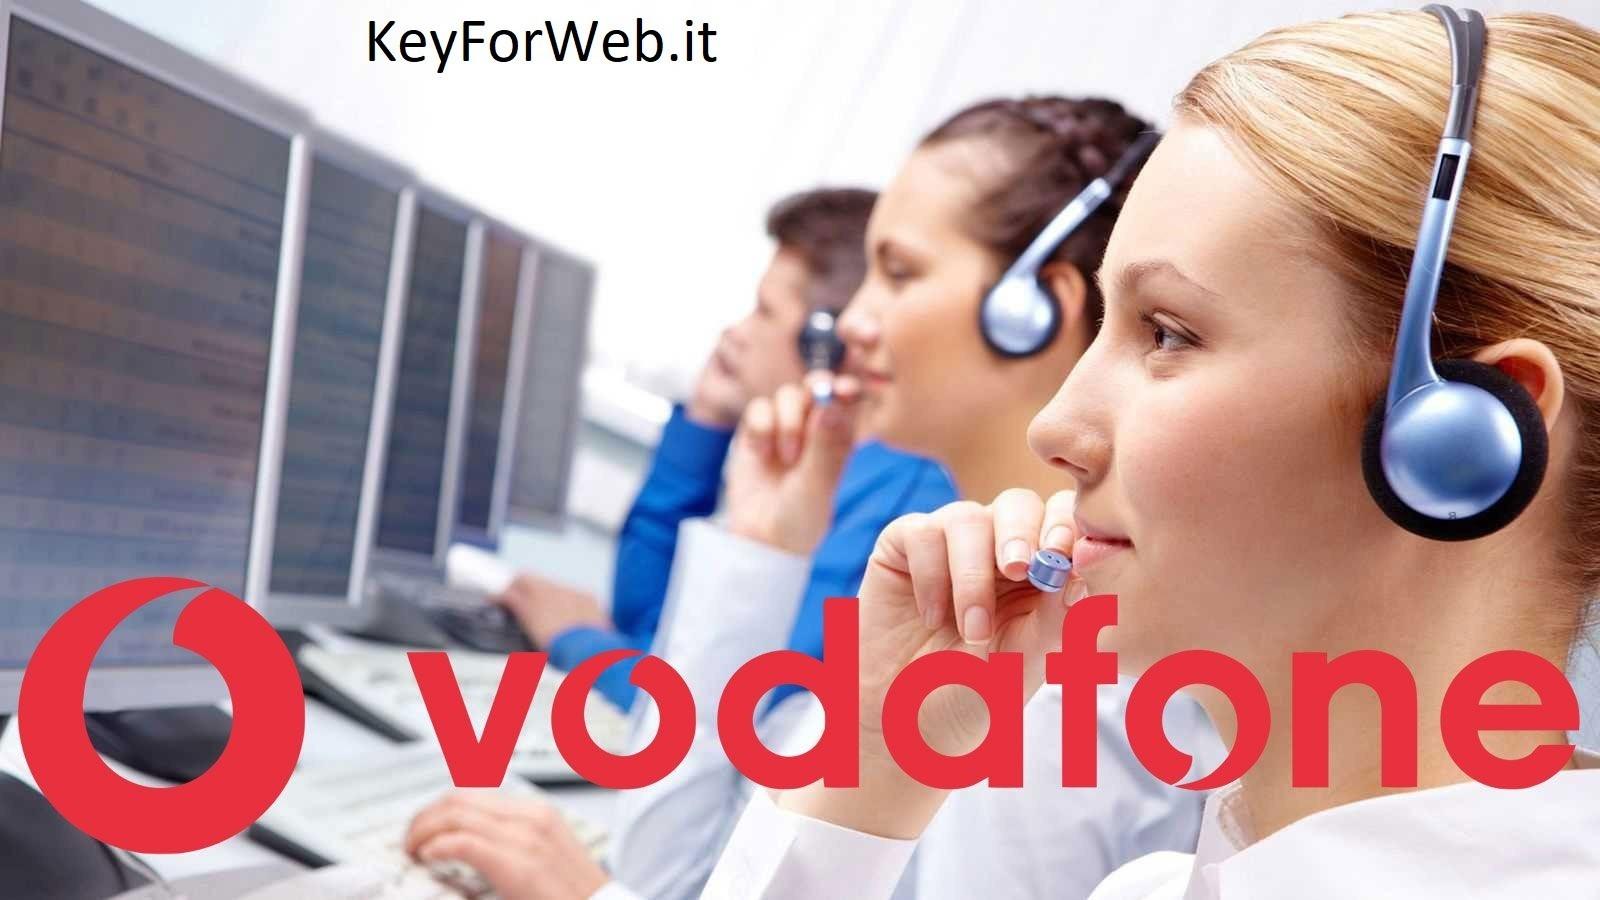 Lasciano senza fiato le offerte passa a Vodafone e Tim dal 14 settembre: ecco le migliori